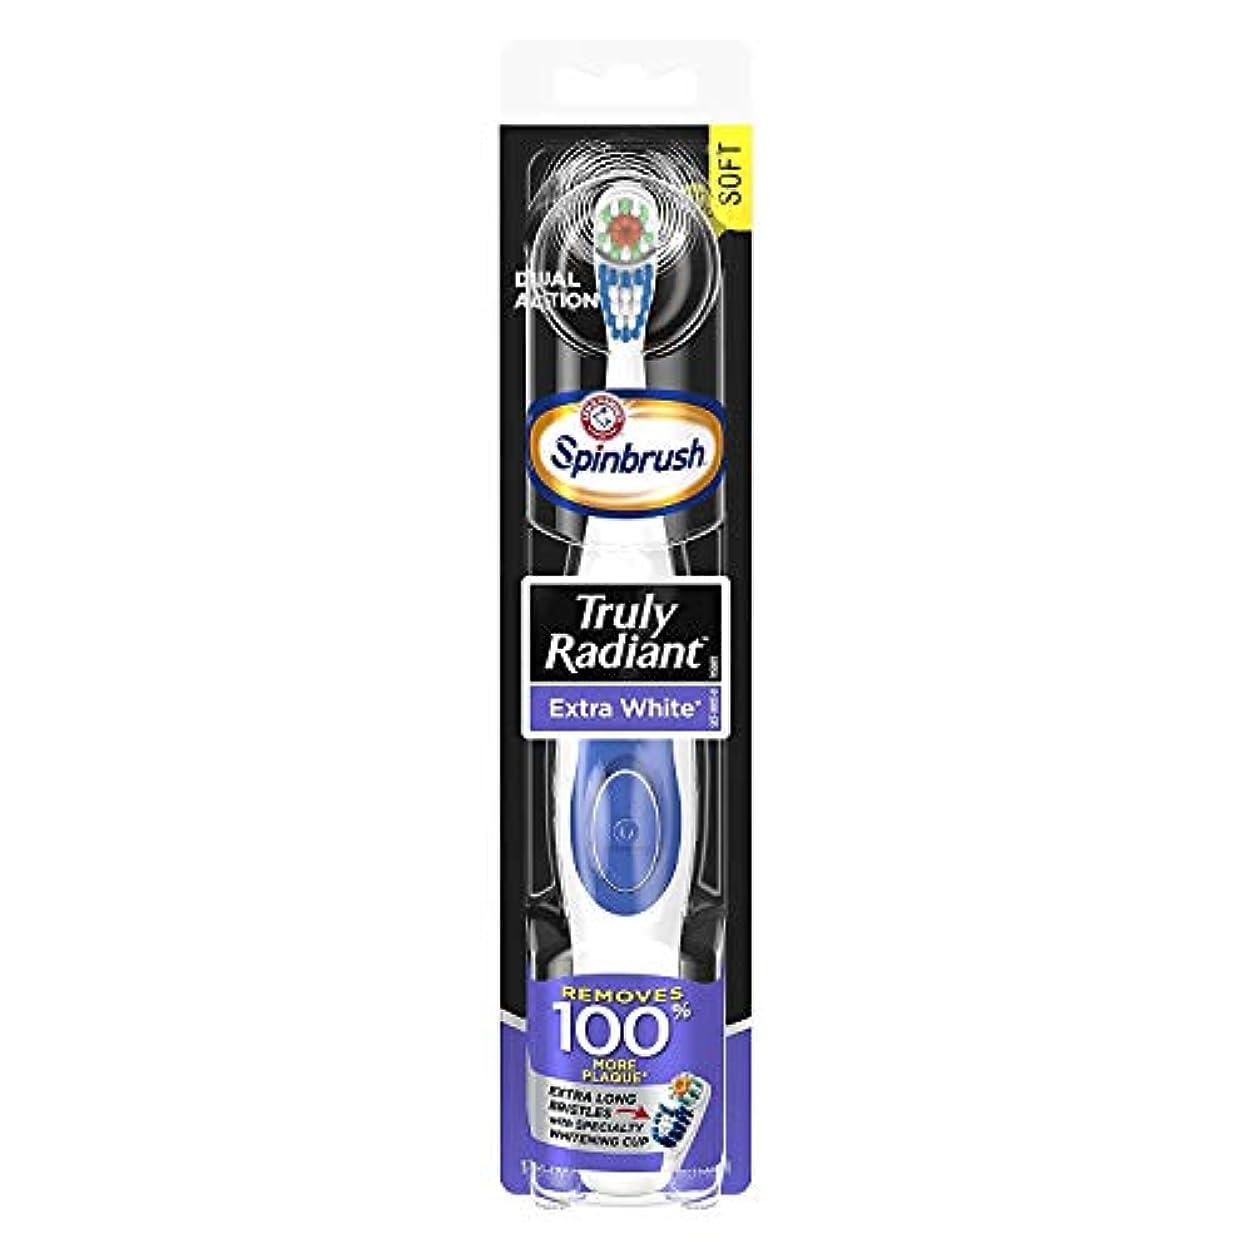 メンター隣接可能性ARM & HAMMER Spinbrush Powered Truly Radiant Toothbrush, Extra White, Soft 1 ea by Arm & Hammer